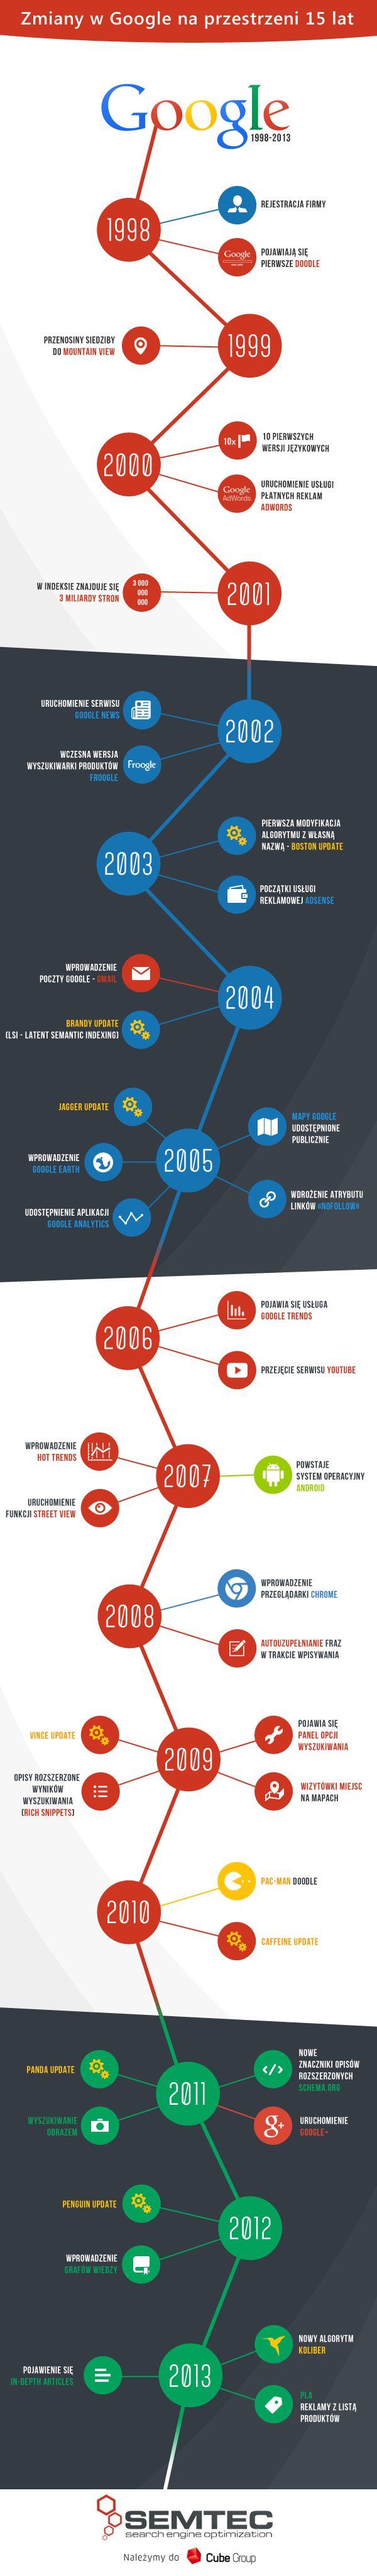 Jakie zmiany zaszły w Google w ciągu 15 lat. Historia Google 1998-2013 w pigułce.